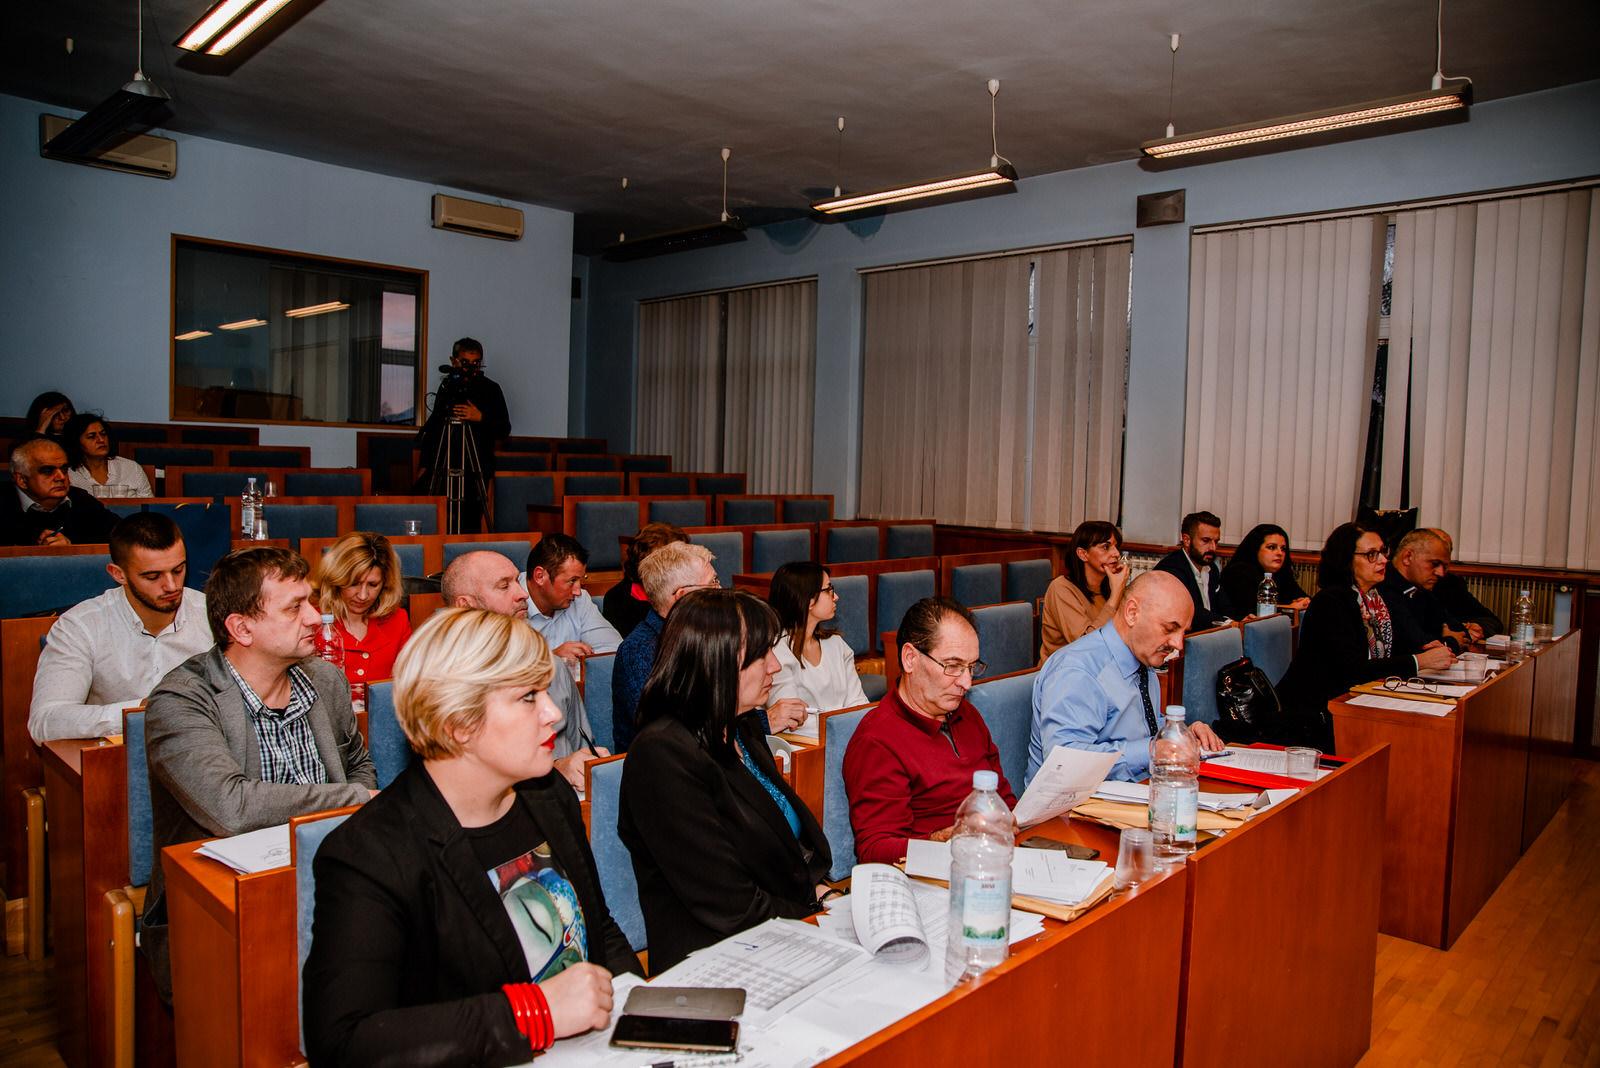 likaclub_27-sjednica-gradskog-vijeća_proračun_2019-28